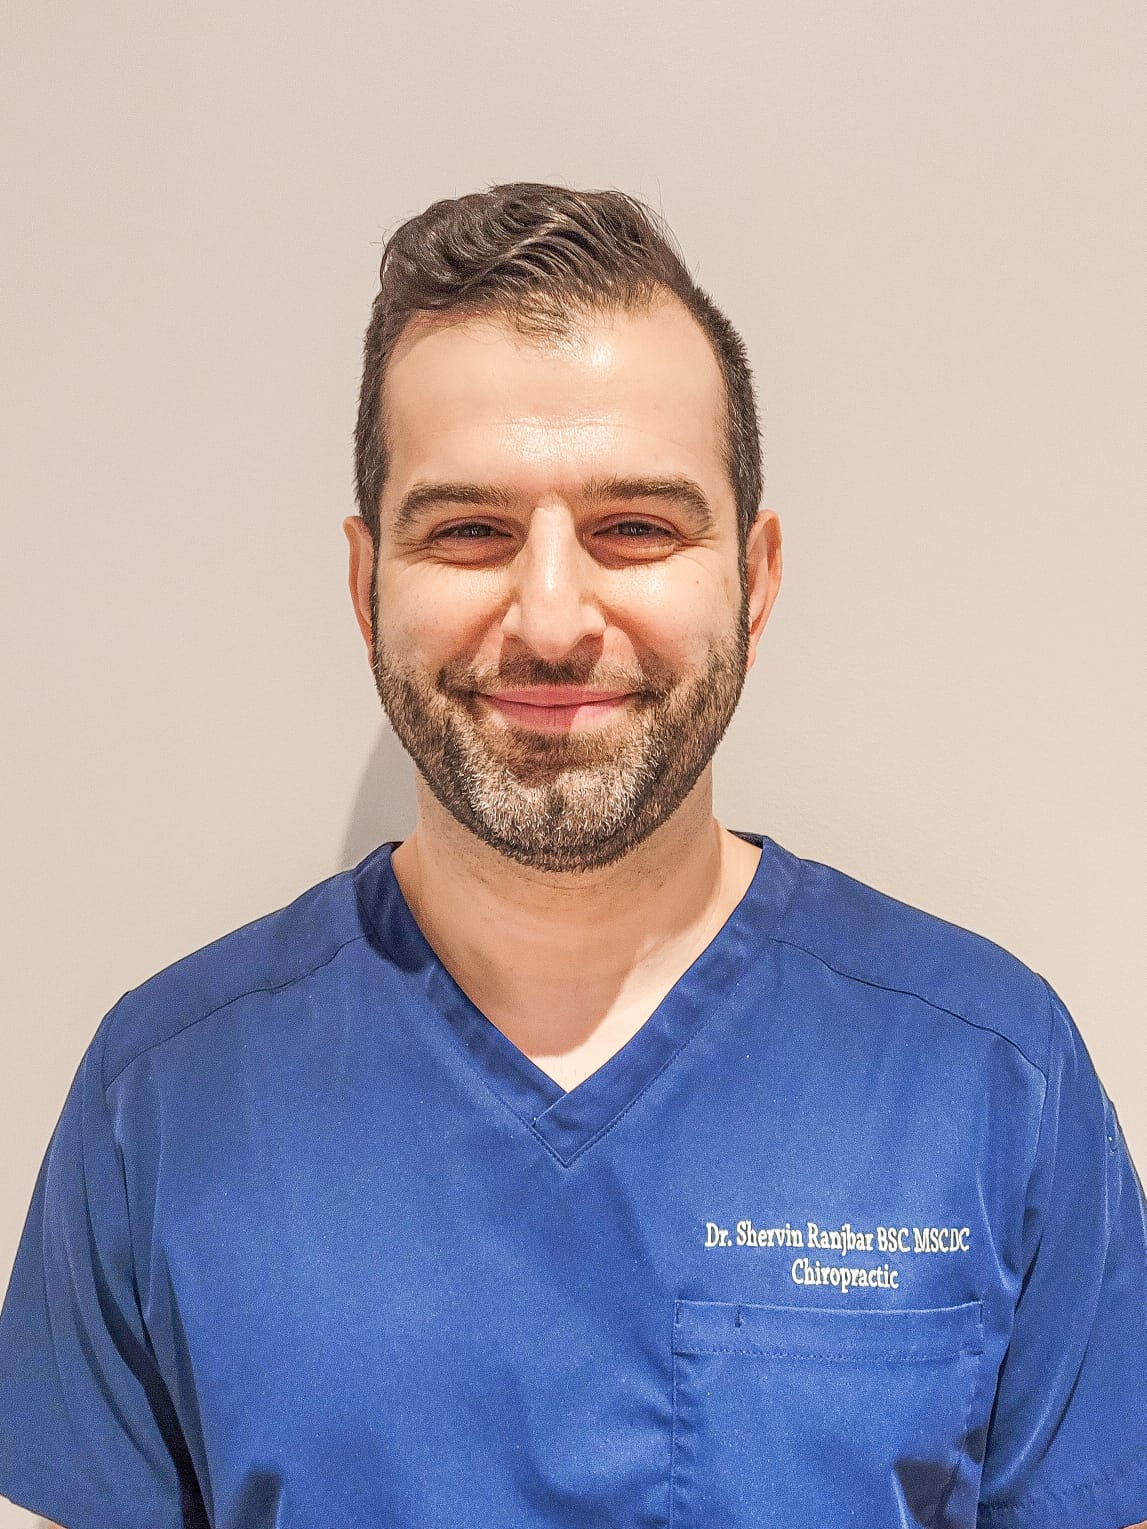 Dr. Shervin Ranjbar